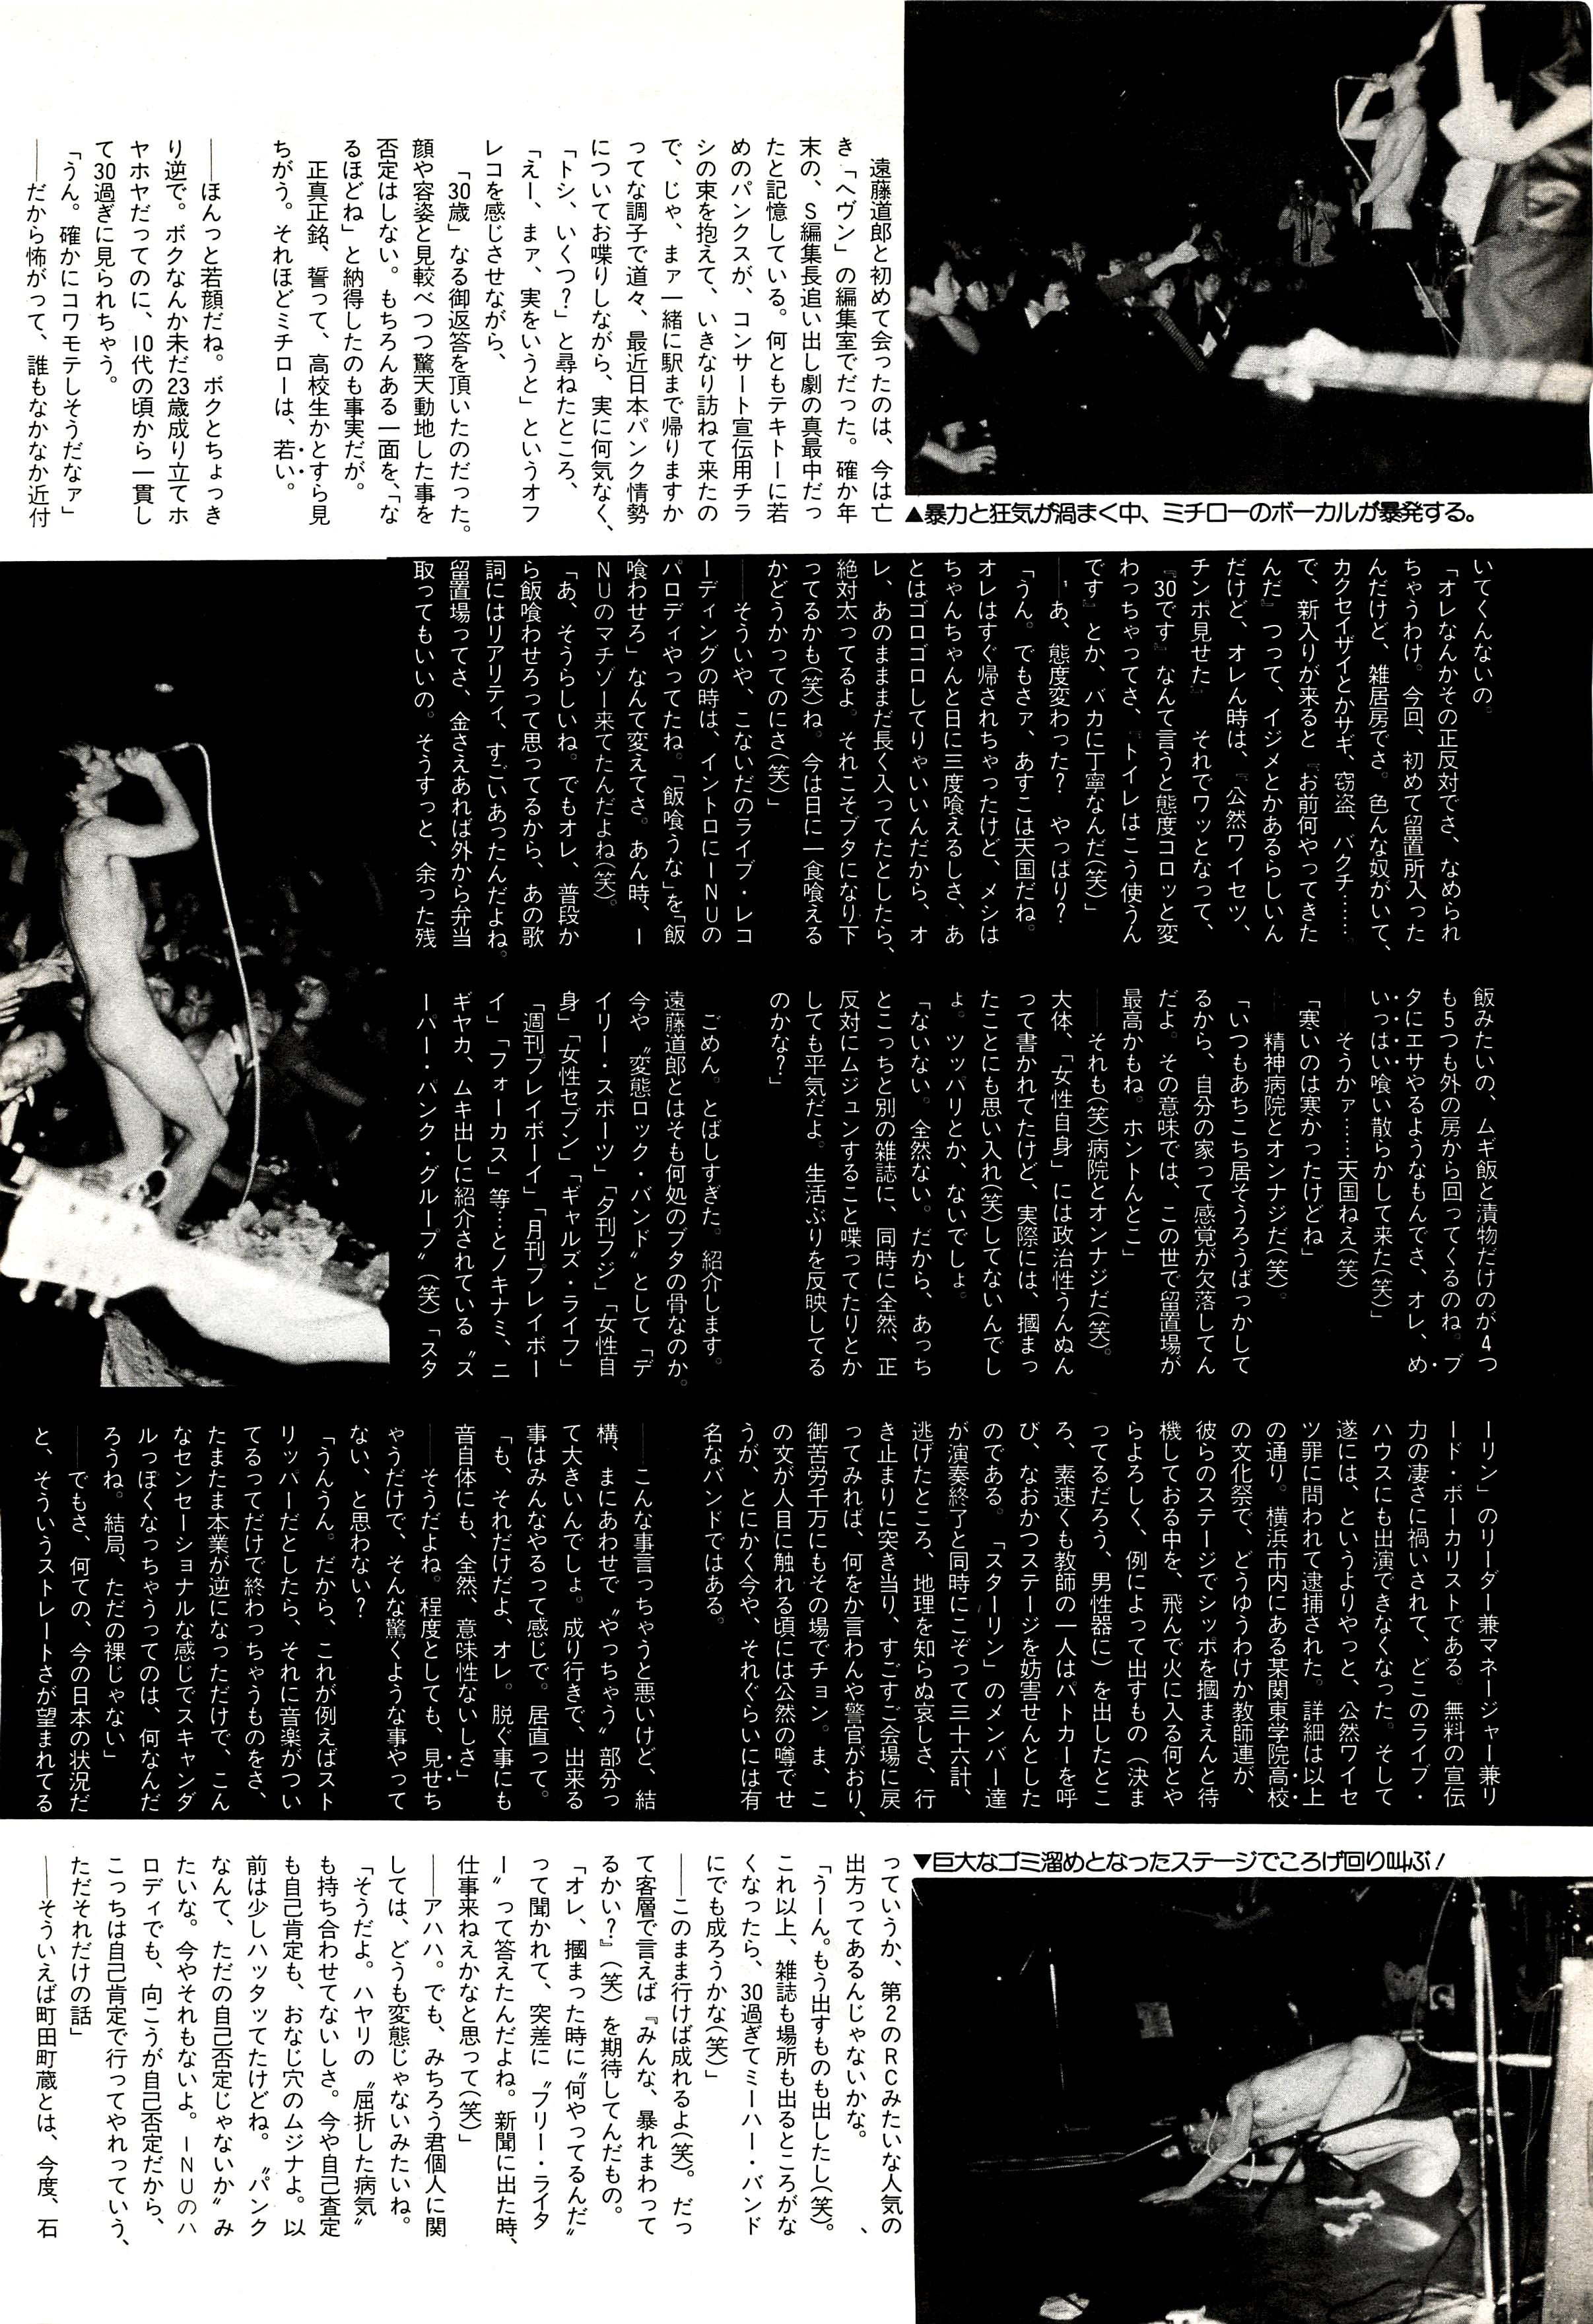 f:id:kougasetumei:20180504014743j:image